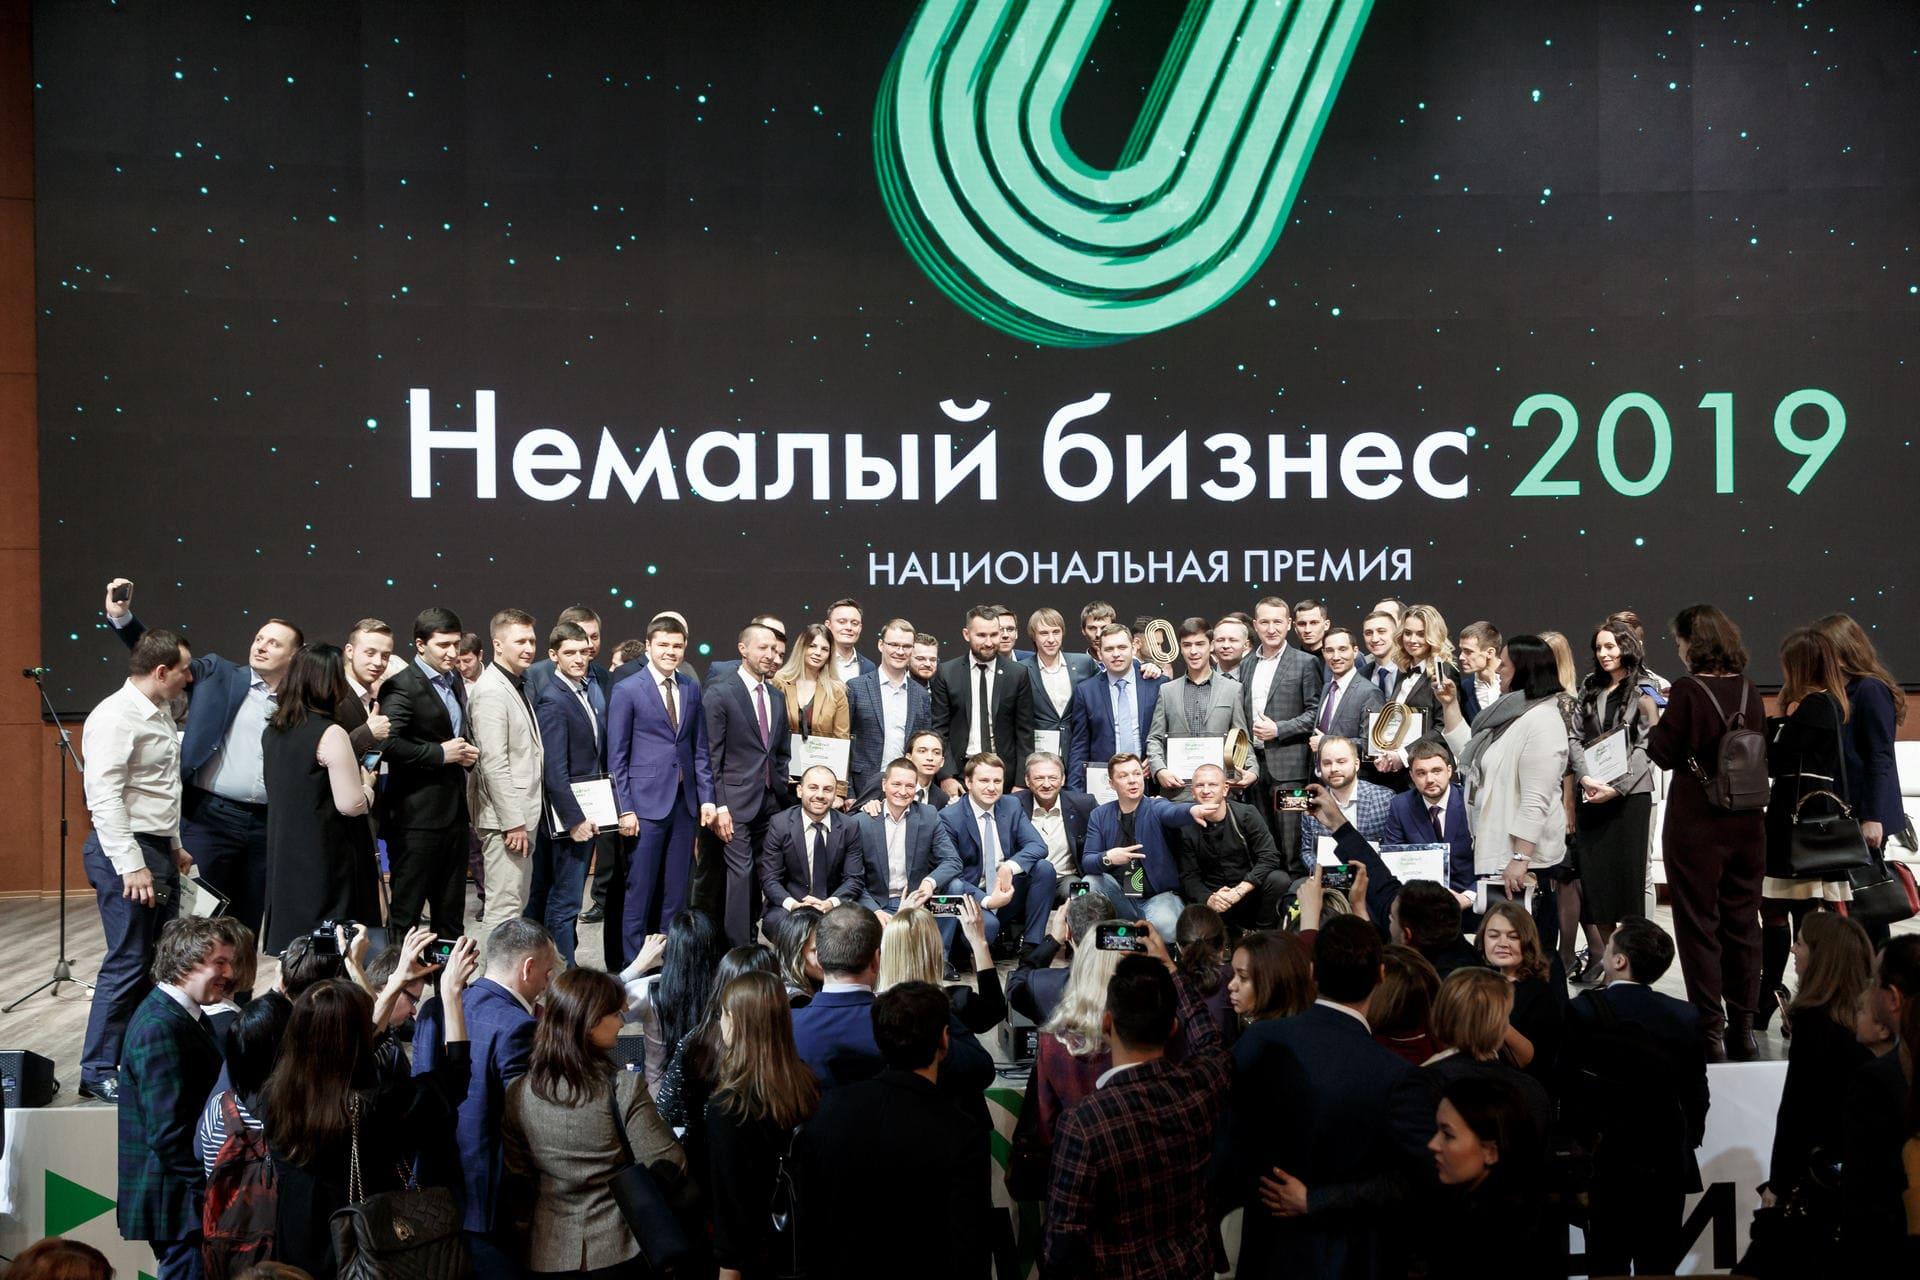 Президент Корпорации «Синергия» Вадим Лобов стал членом жюри премии «Немалый бизнес»